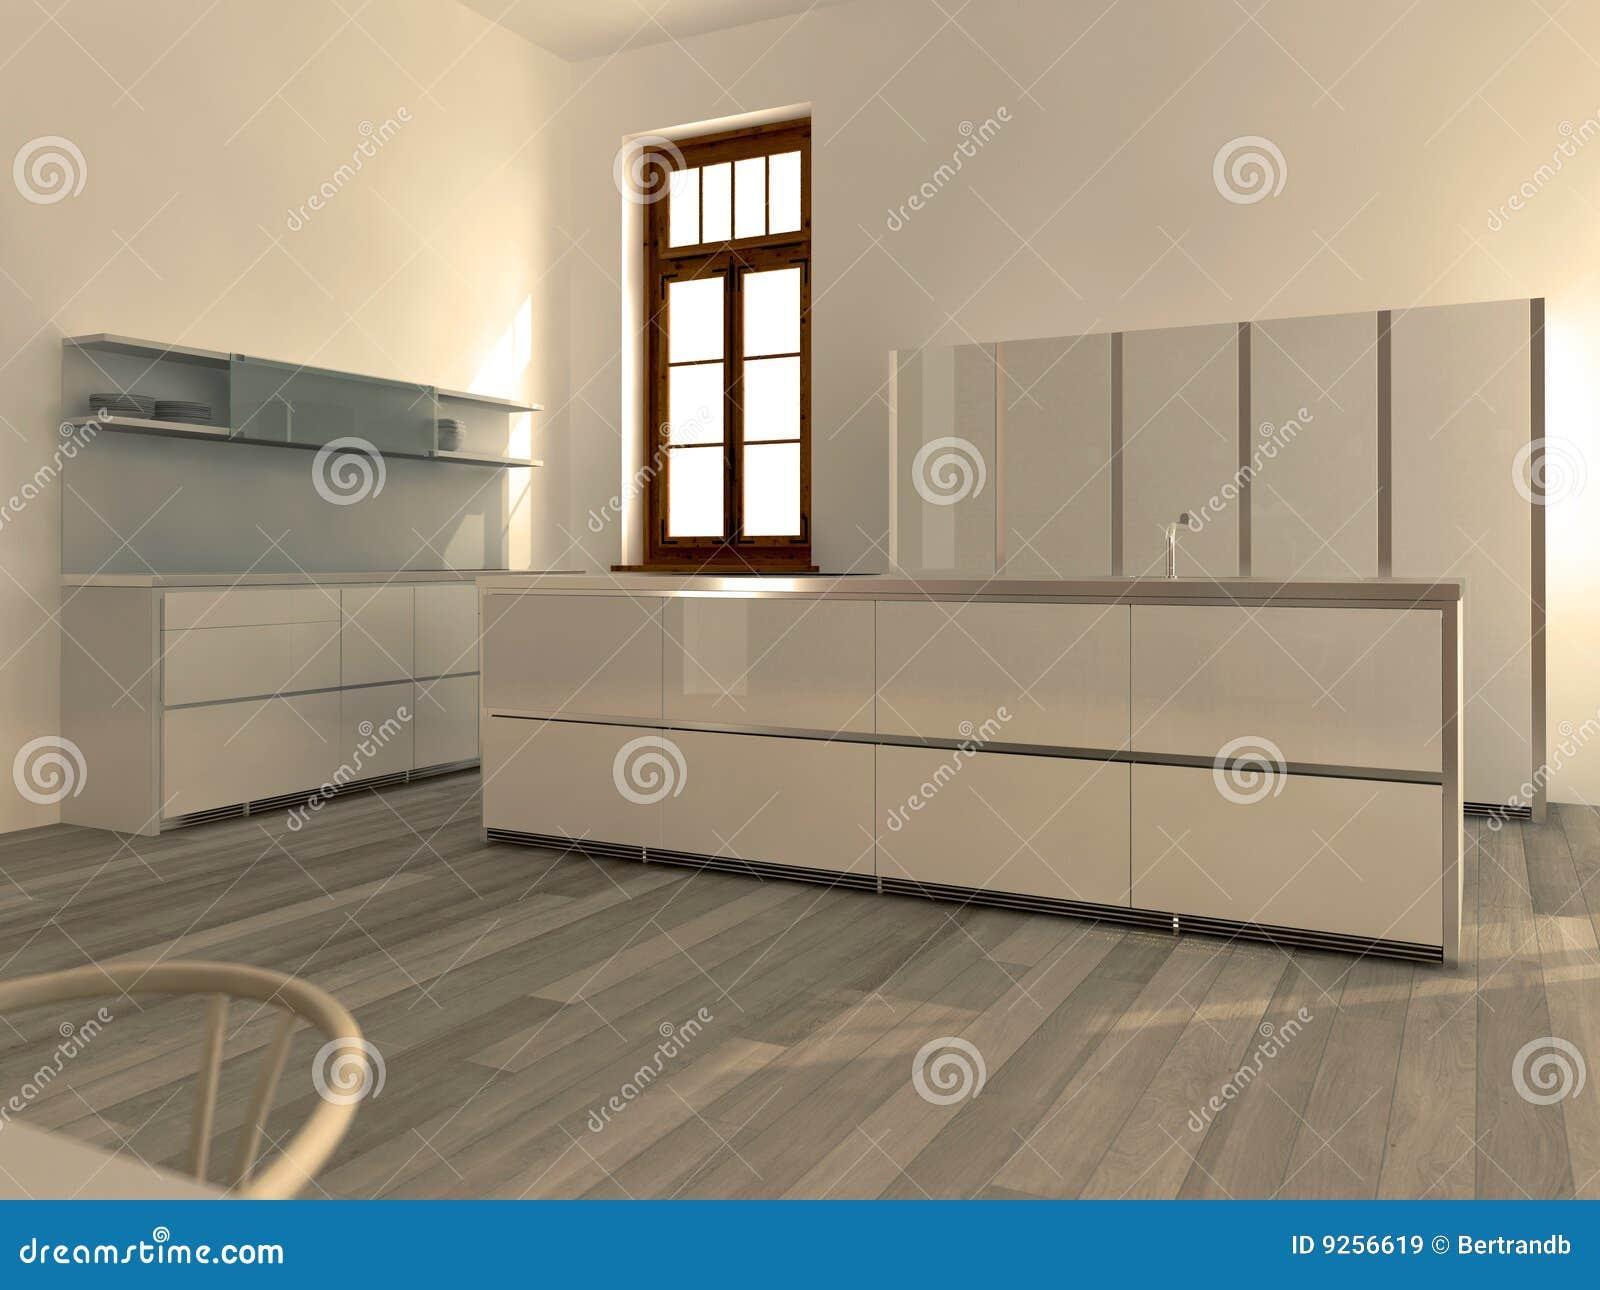 Cucina Bianca Moderna Immagini Stock Libere da Diritti - Immagine: 9256619